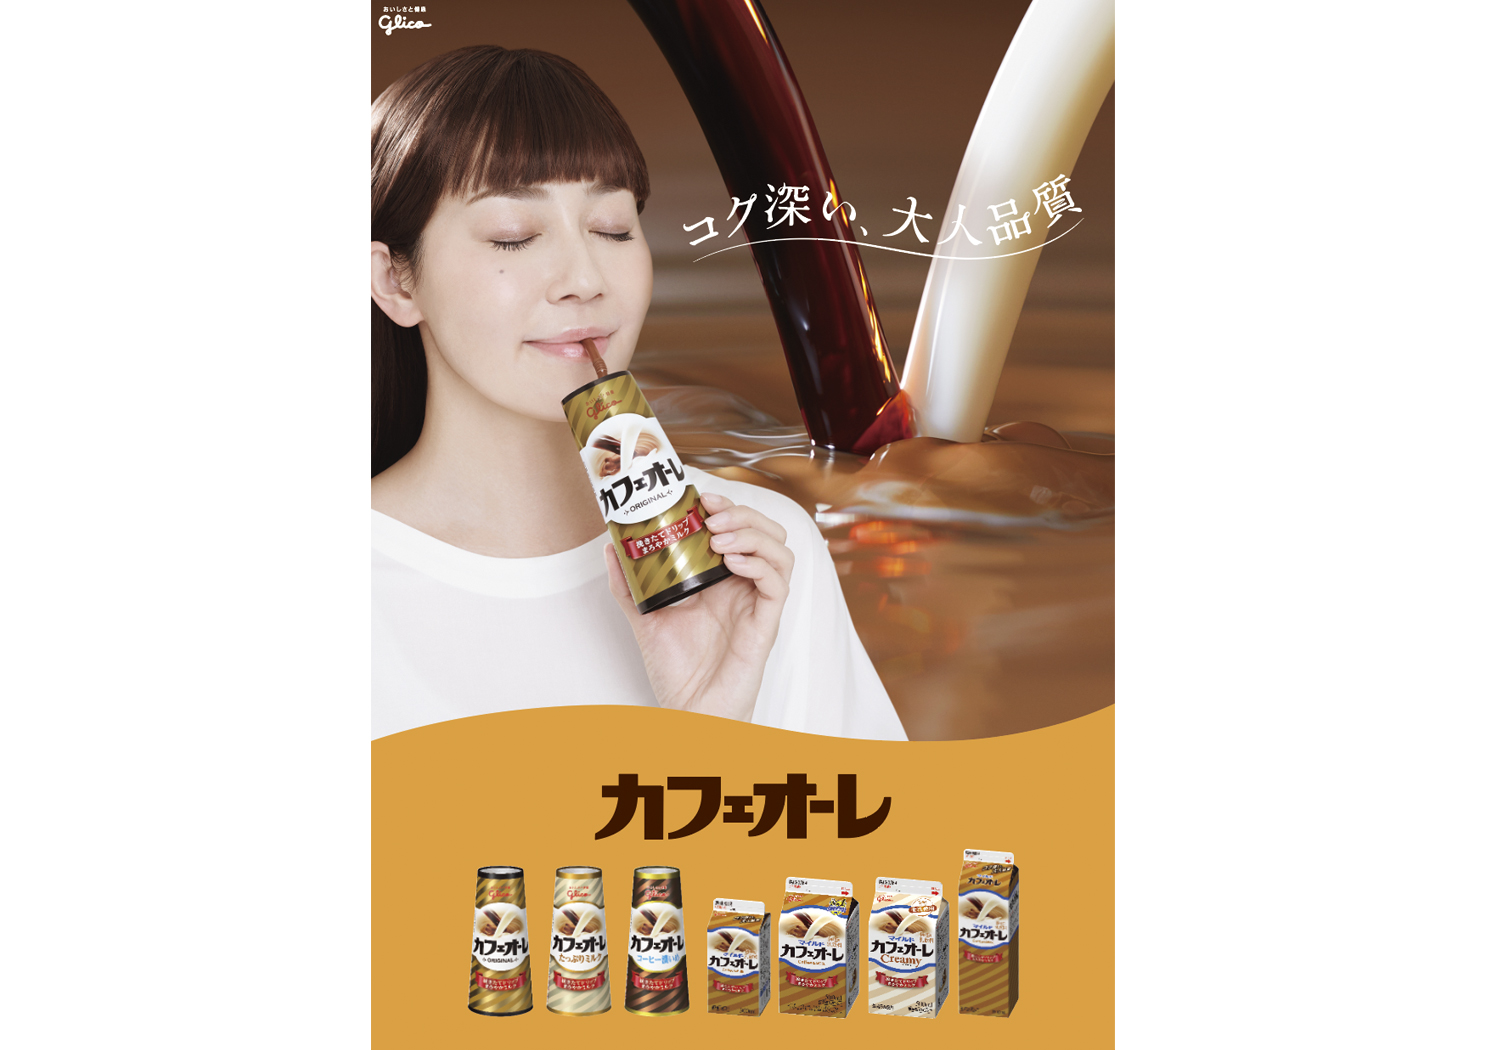 glico cafeore board